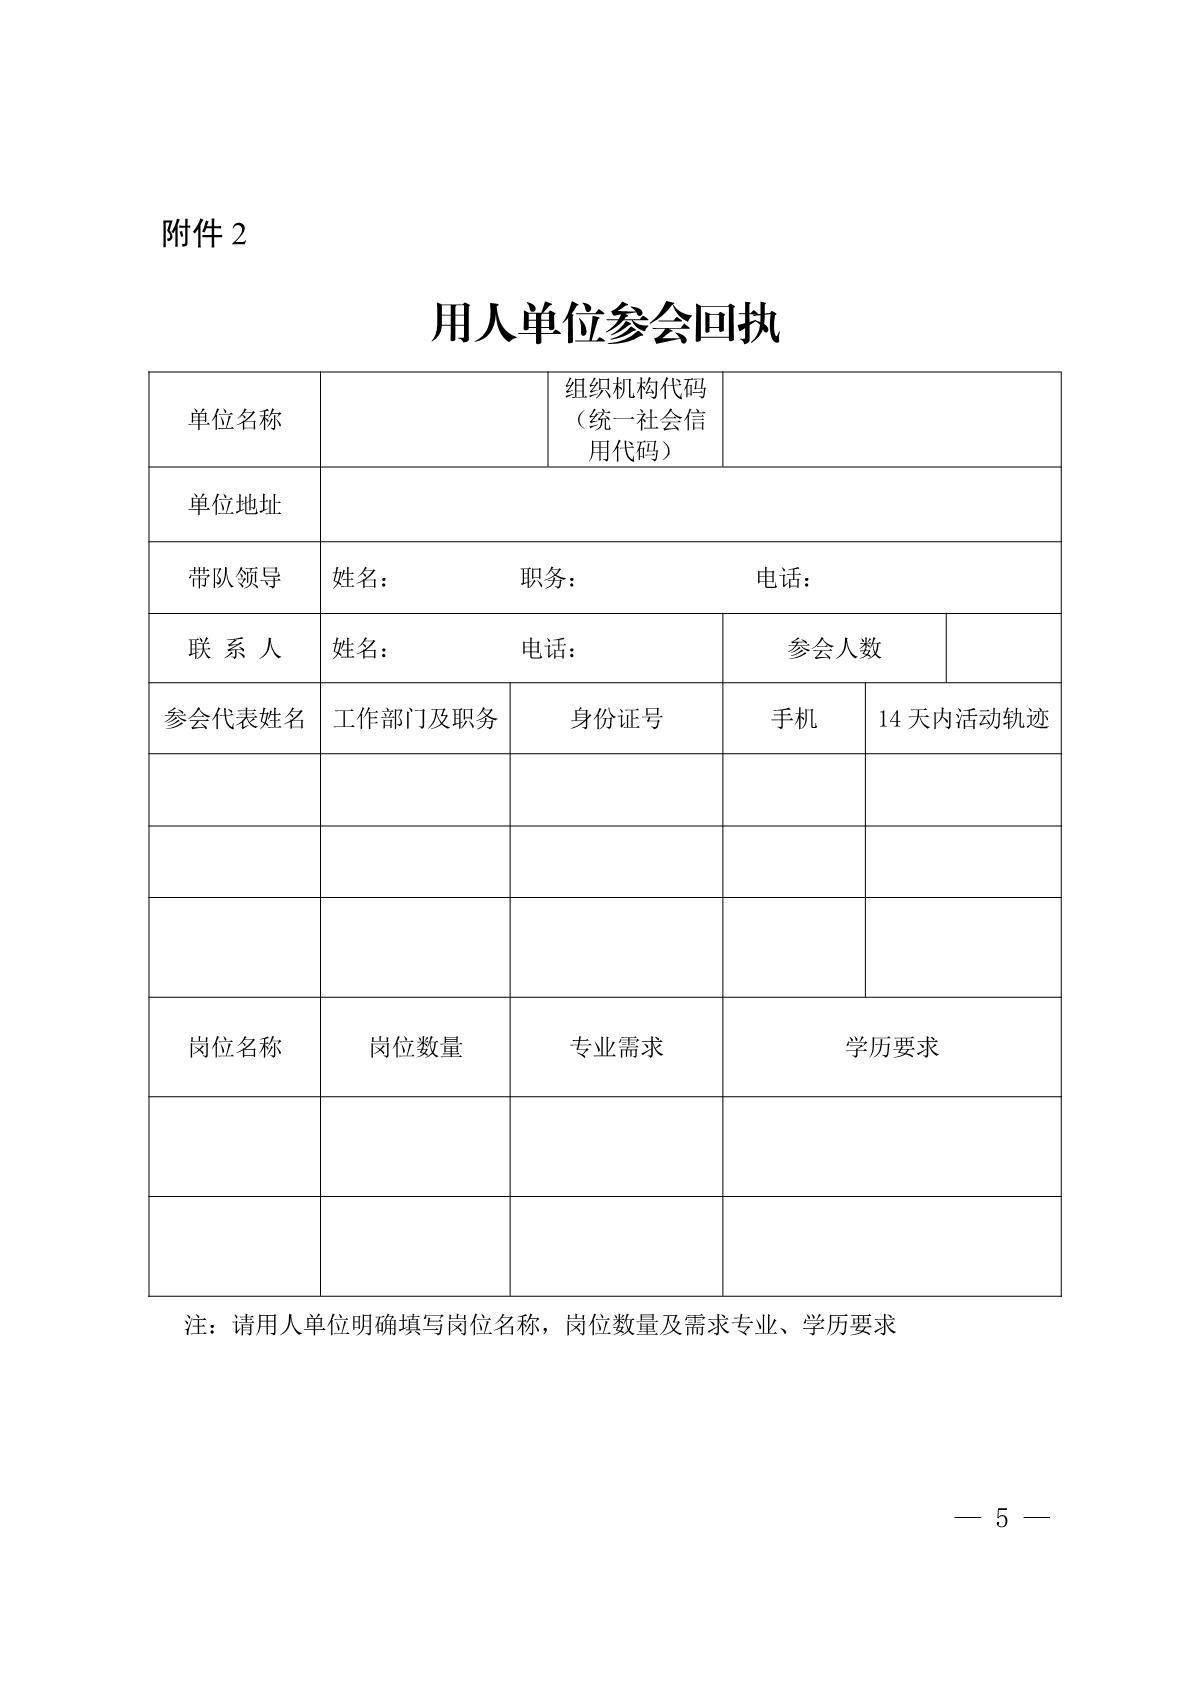 关于举办陕西省困难群体高校毕业生精准帮扶专场招聘会的通知(3)_5.JPG